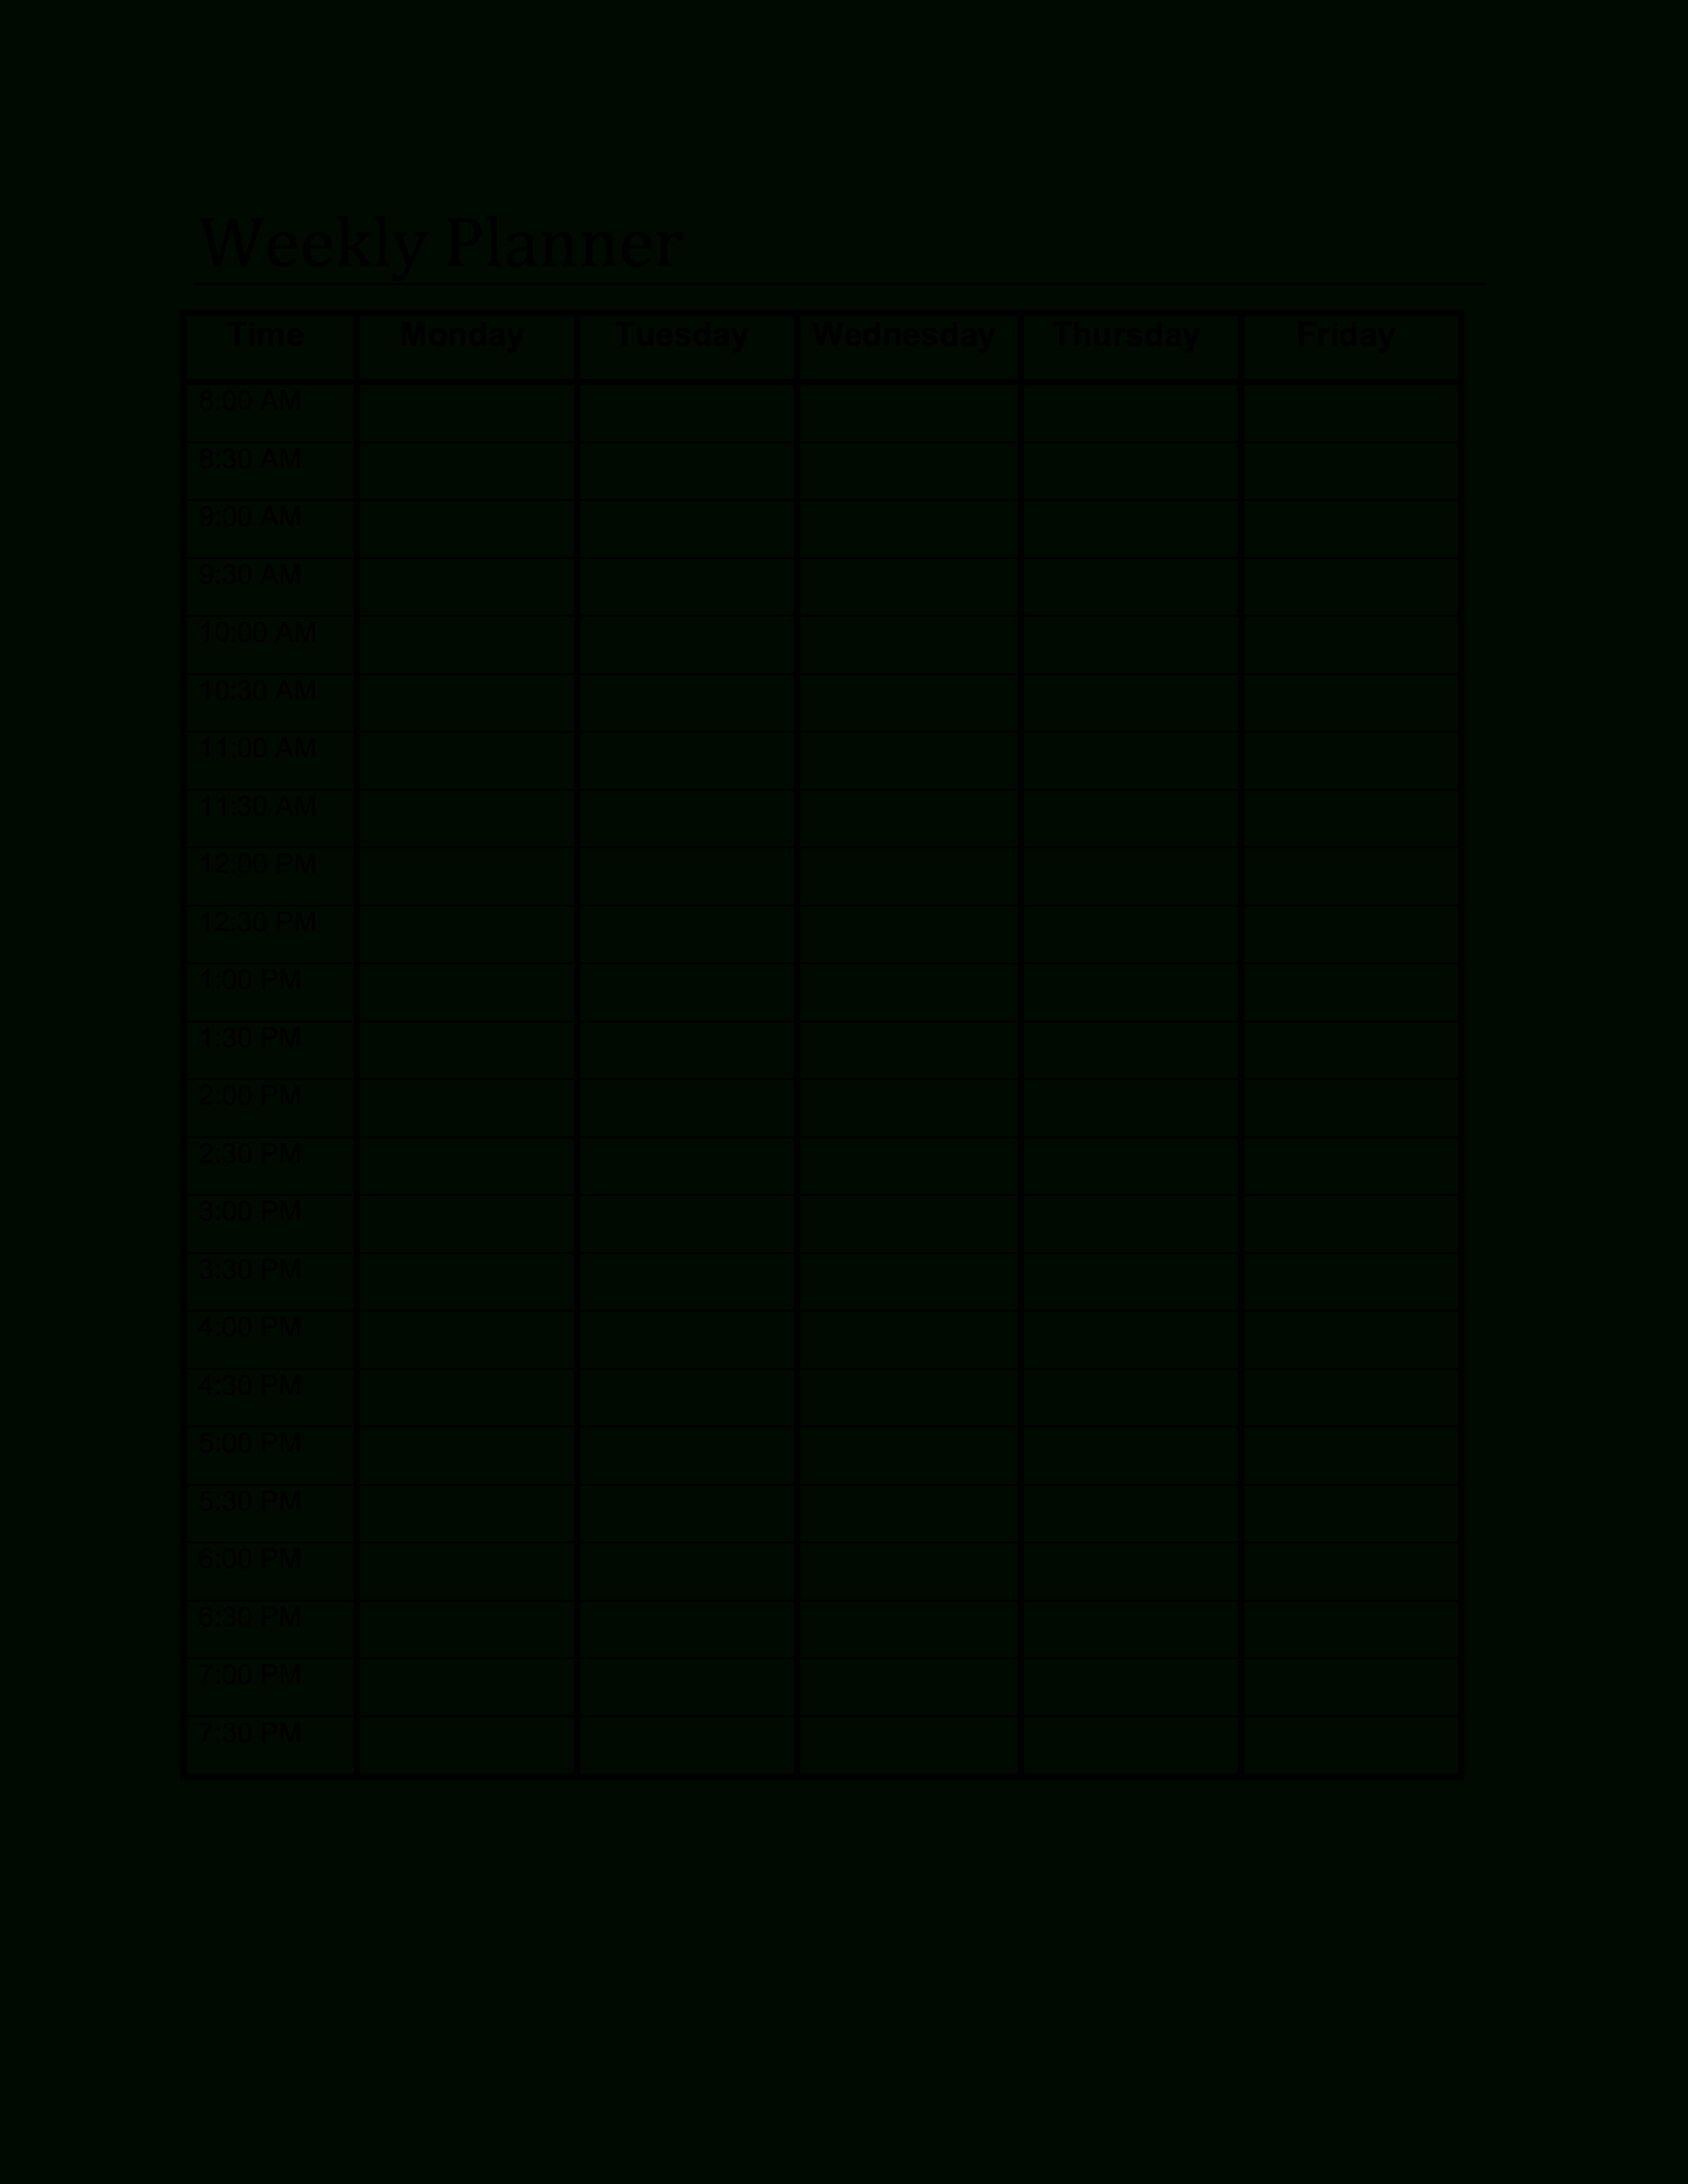 Blank Weekly Schedule Printable Week Planner Sheet Google Sheets Pdf with Weekly Blank Calendar Printable Pdf